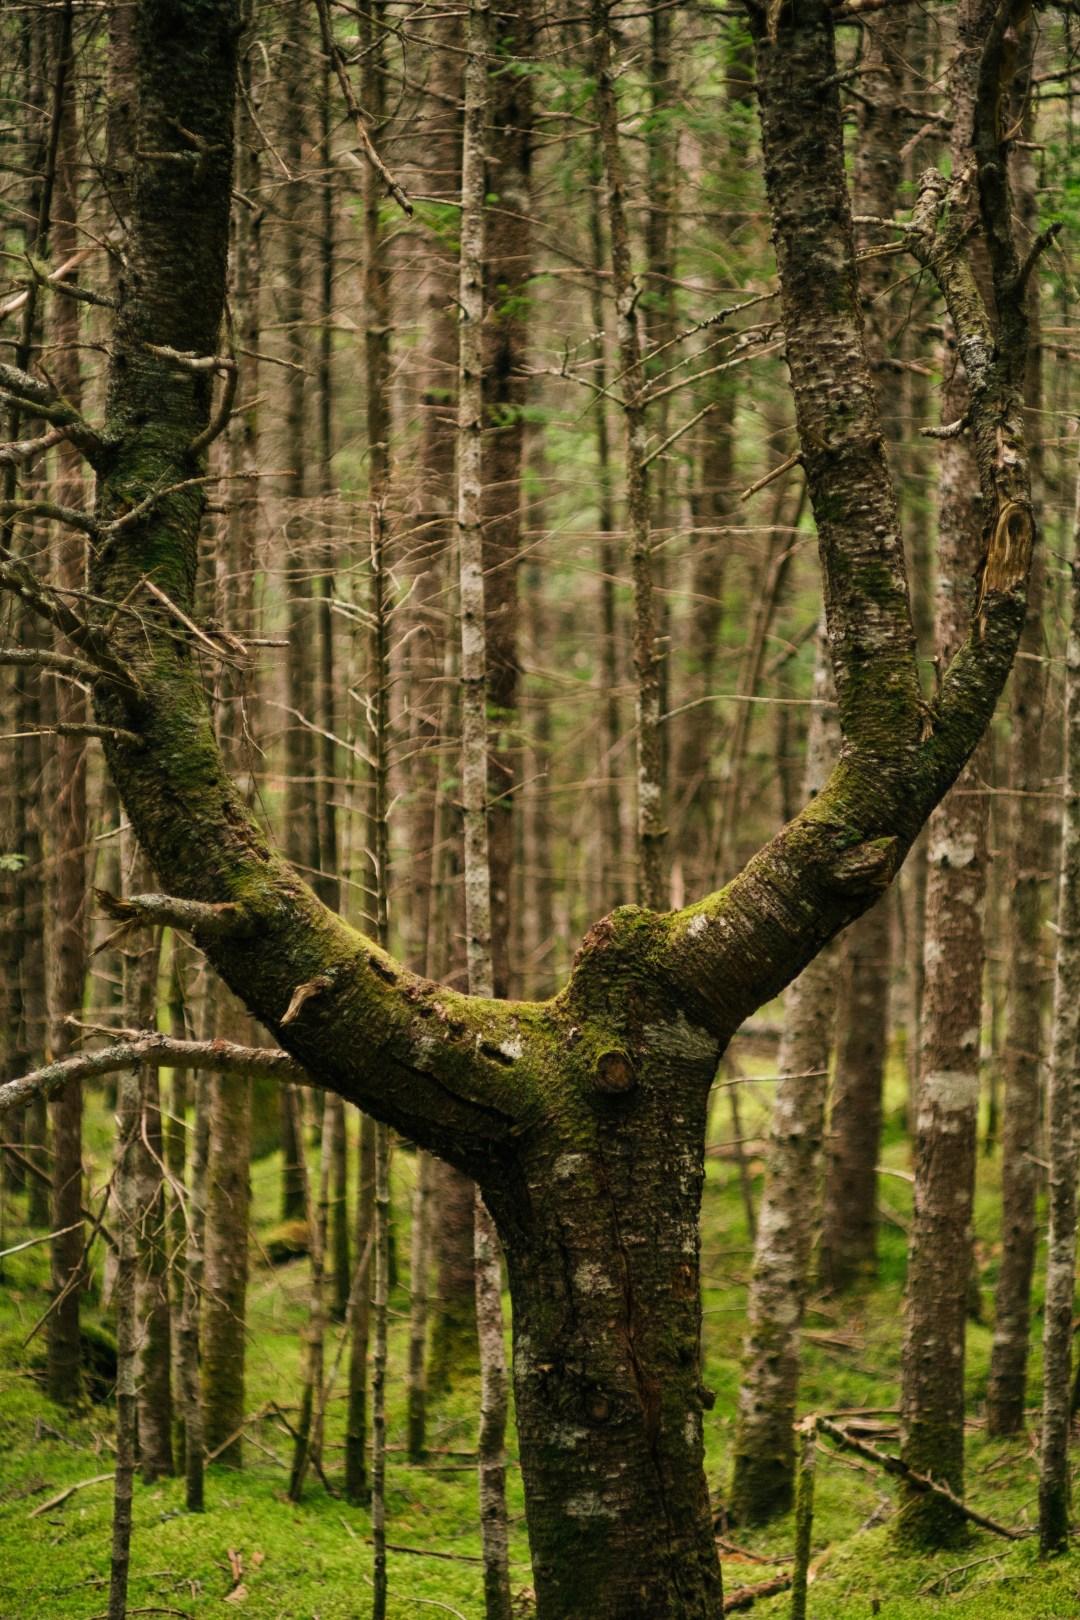 A photo of U Shaped Tree with Moss